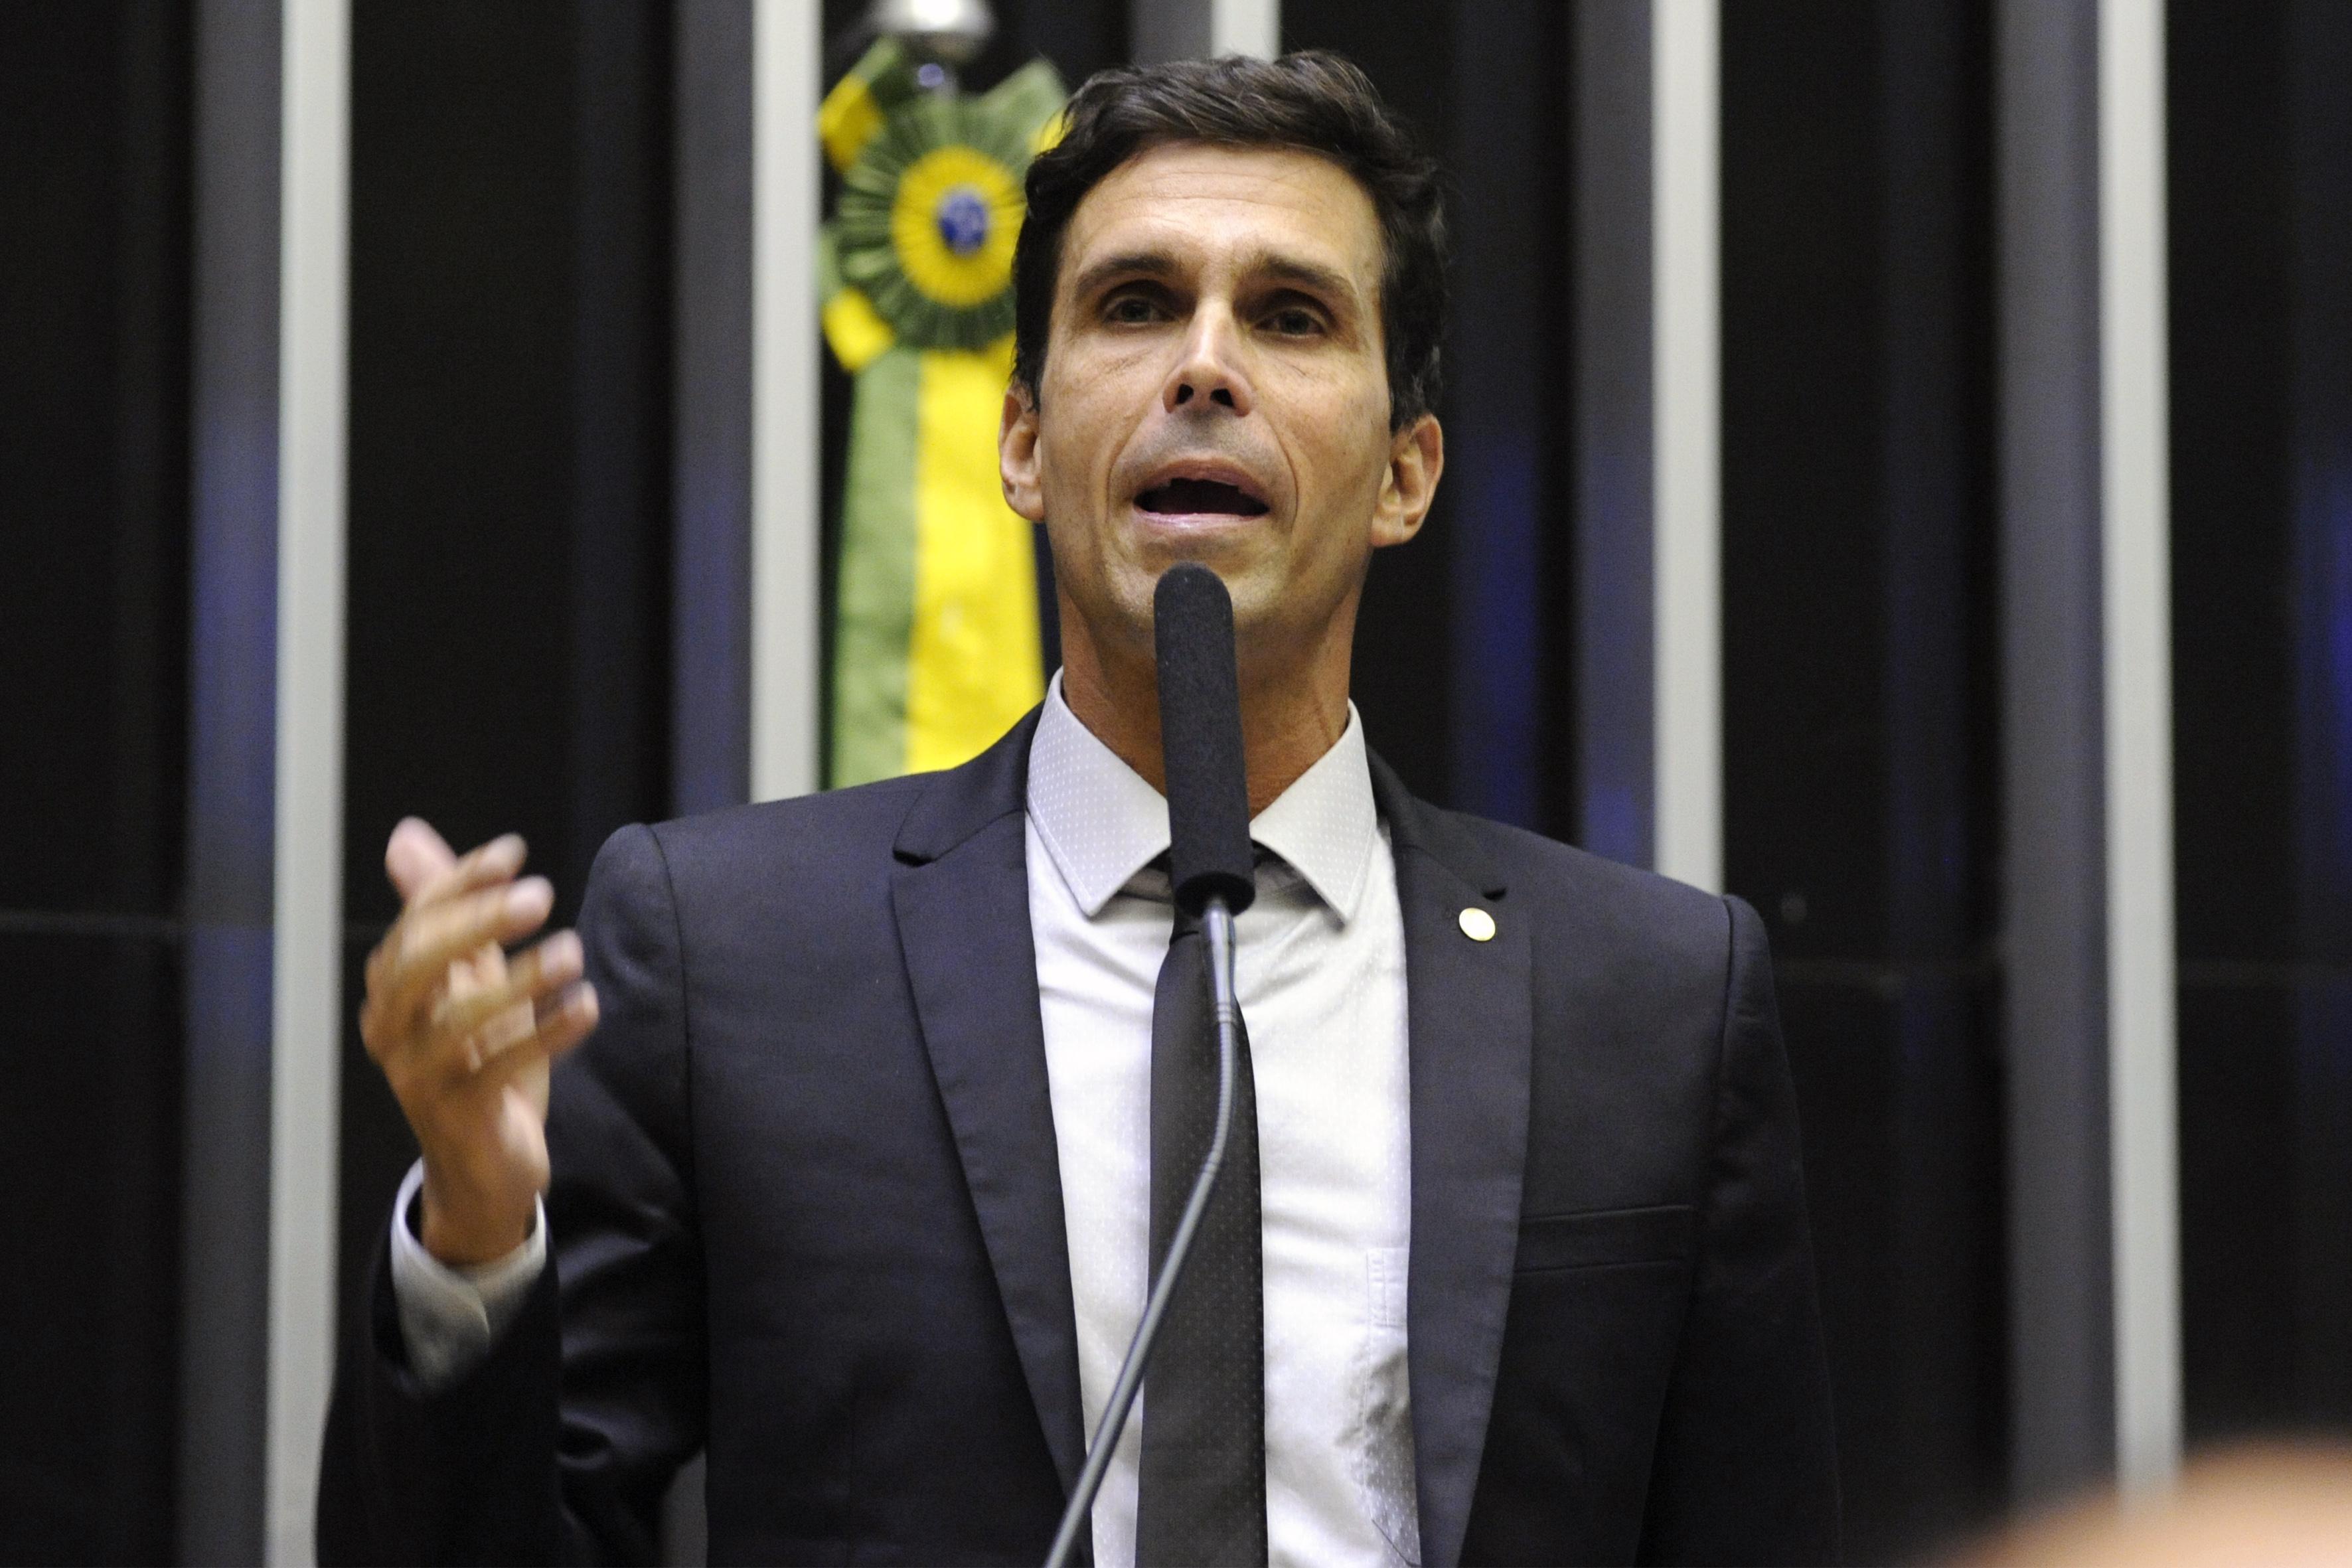 Ordem do dia para discussão e votação de diversos projetos. Dep. Luiz Lima (PSL - RJ)